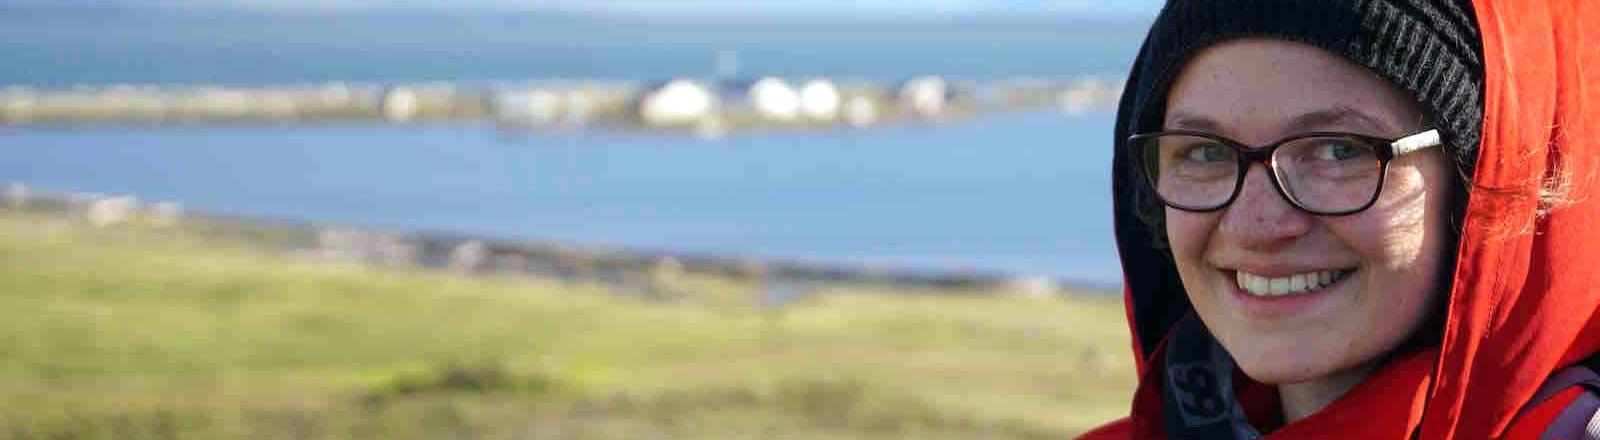 Caro Coch in der Arktis.